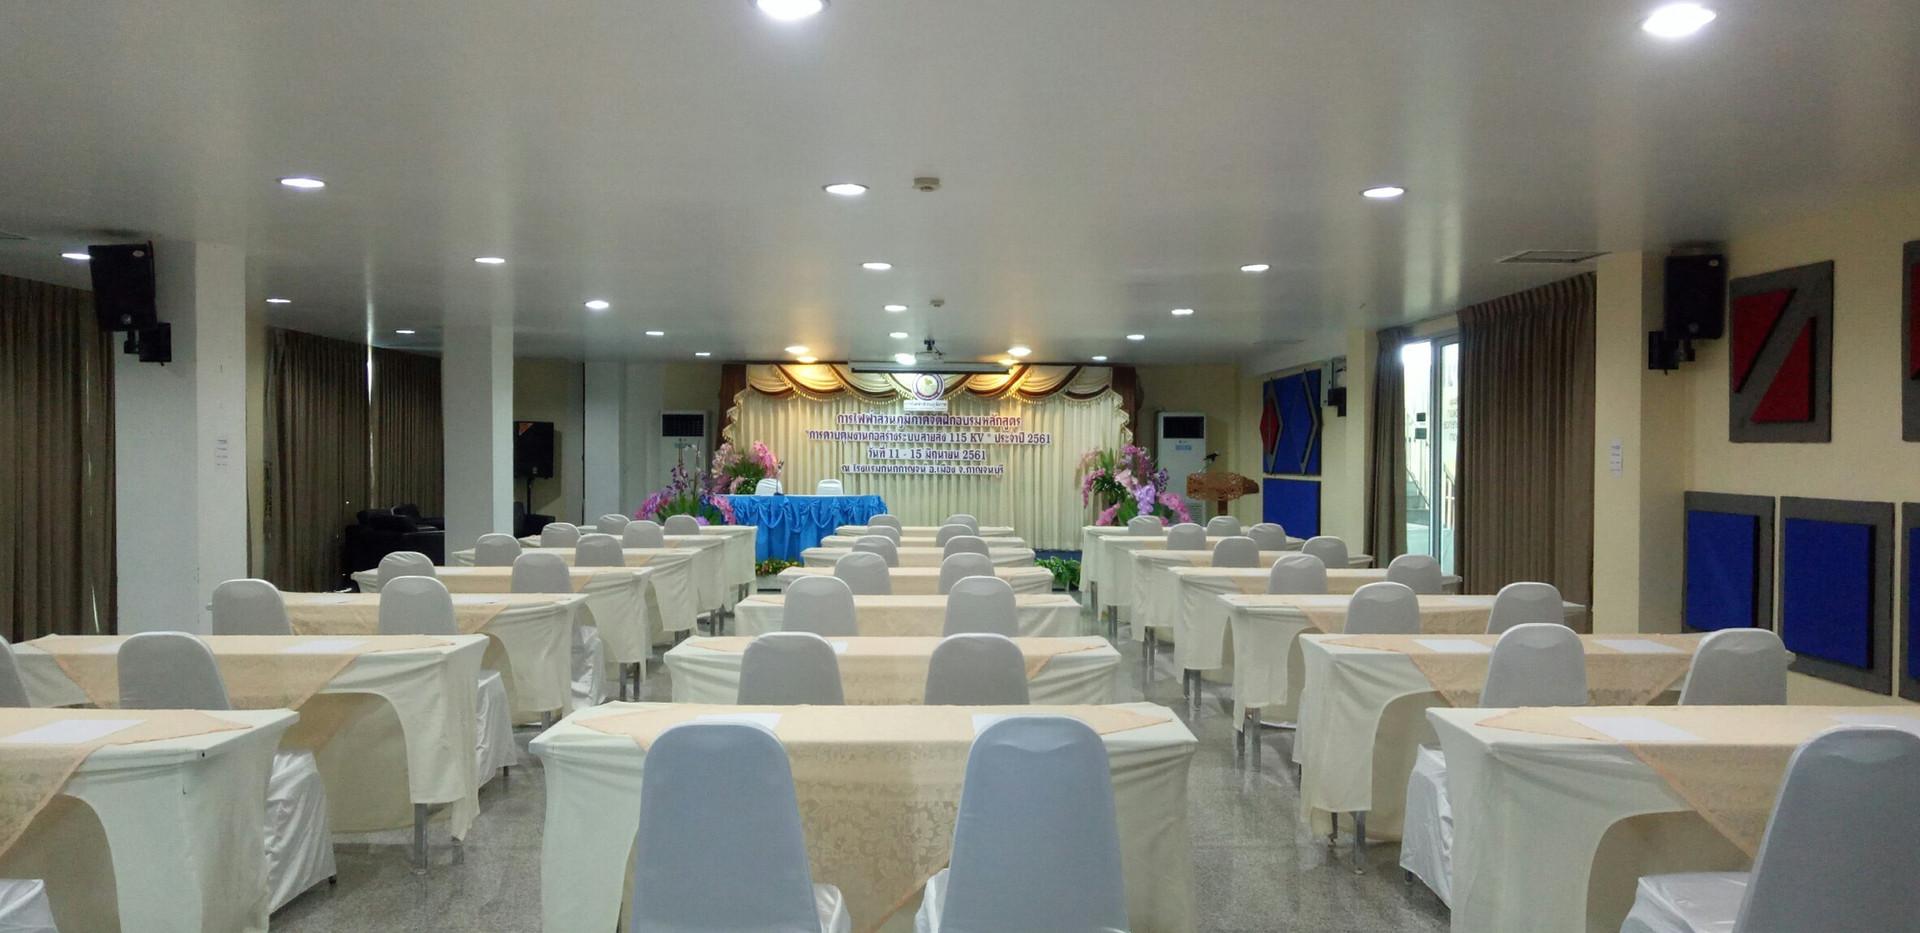 รูปห้องพักโรงแรม_๑๘๐๖๑๖_0069.jpg